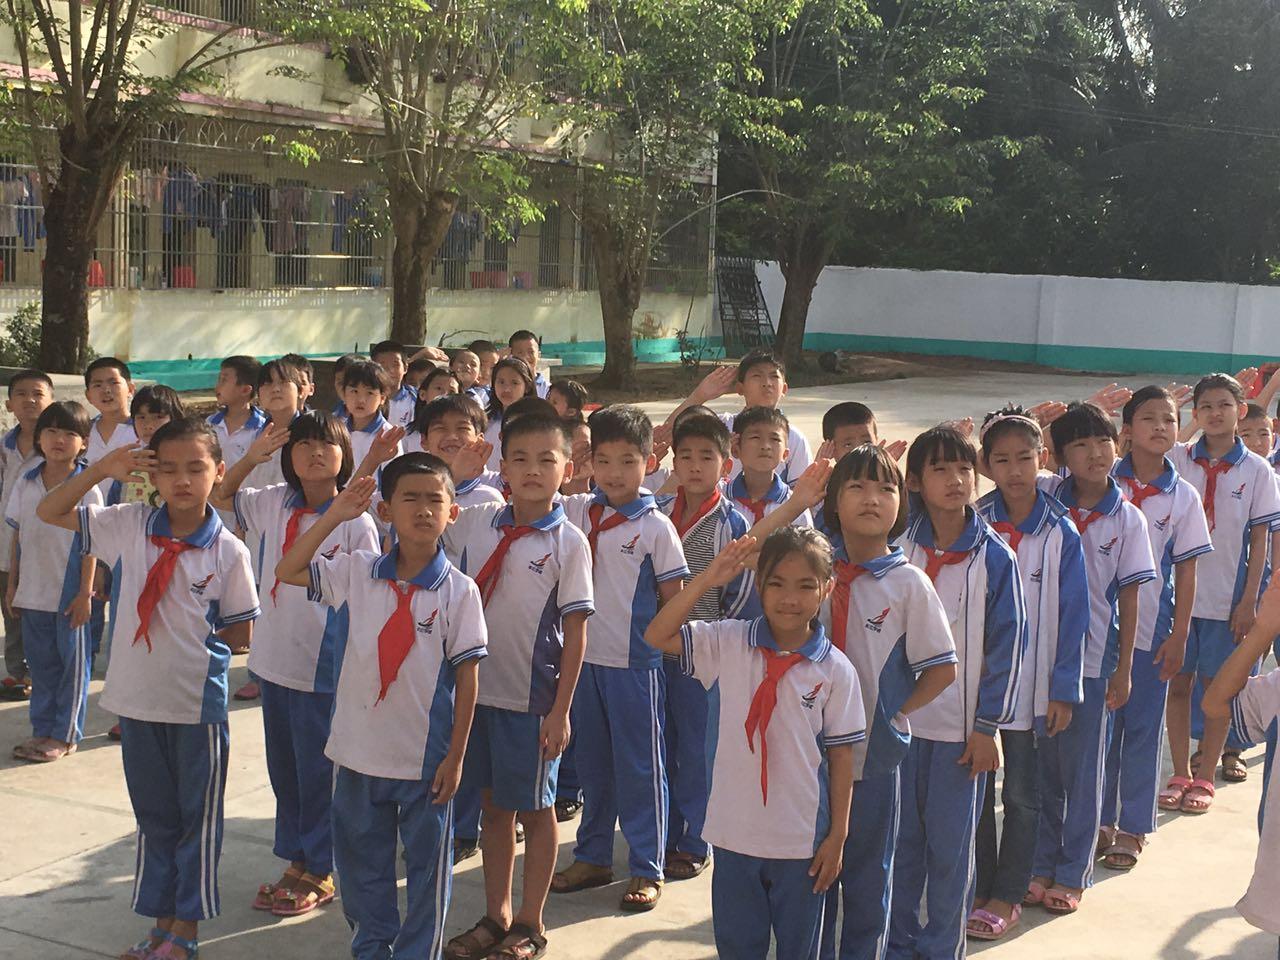 教学生学感恩, 琼海长江学校这样干了。。。